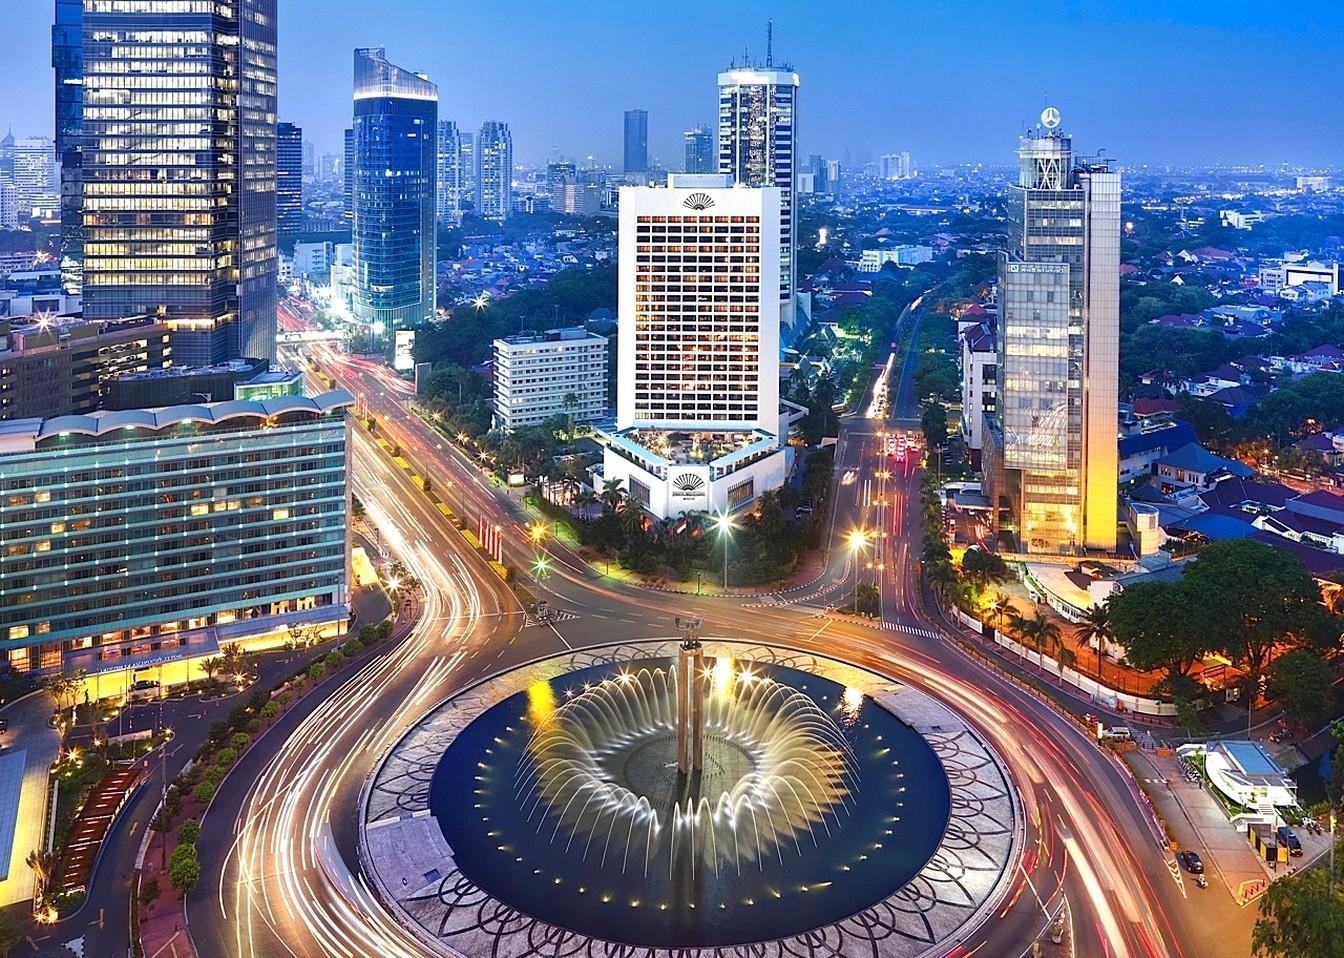 Tidak-Liburan-Ke-Luar-Kota-Ide-Staycation-Dan-Liburan-Di-Jakarta-Ini-Akan-Sangat-Membantu-Kalian